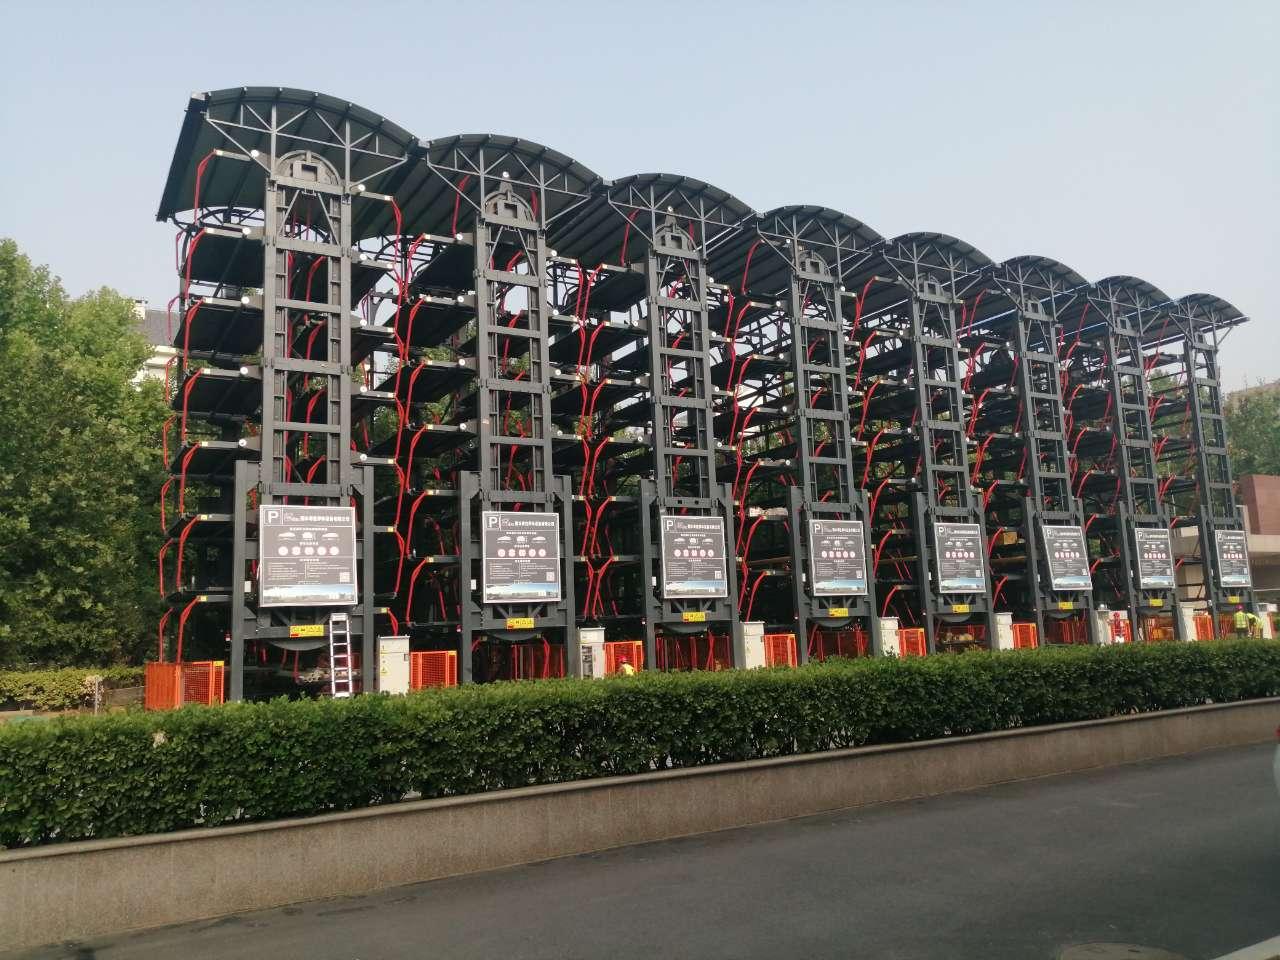 衡水奇佳制造垂直循環立體停車設備